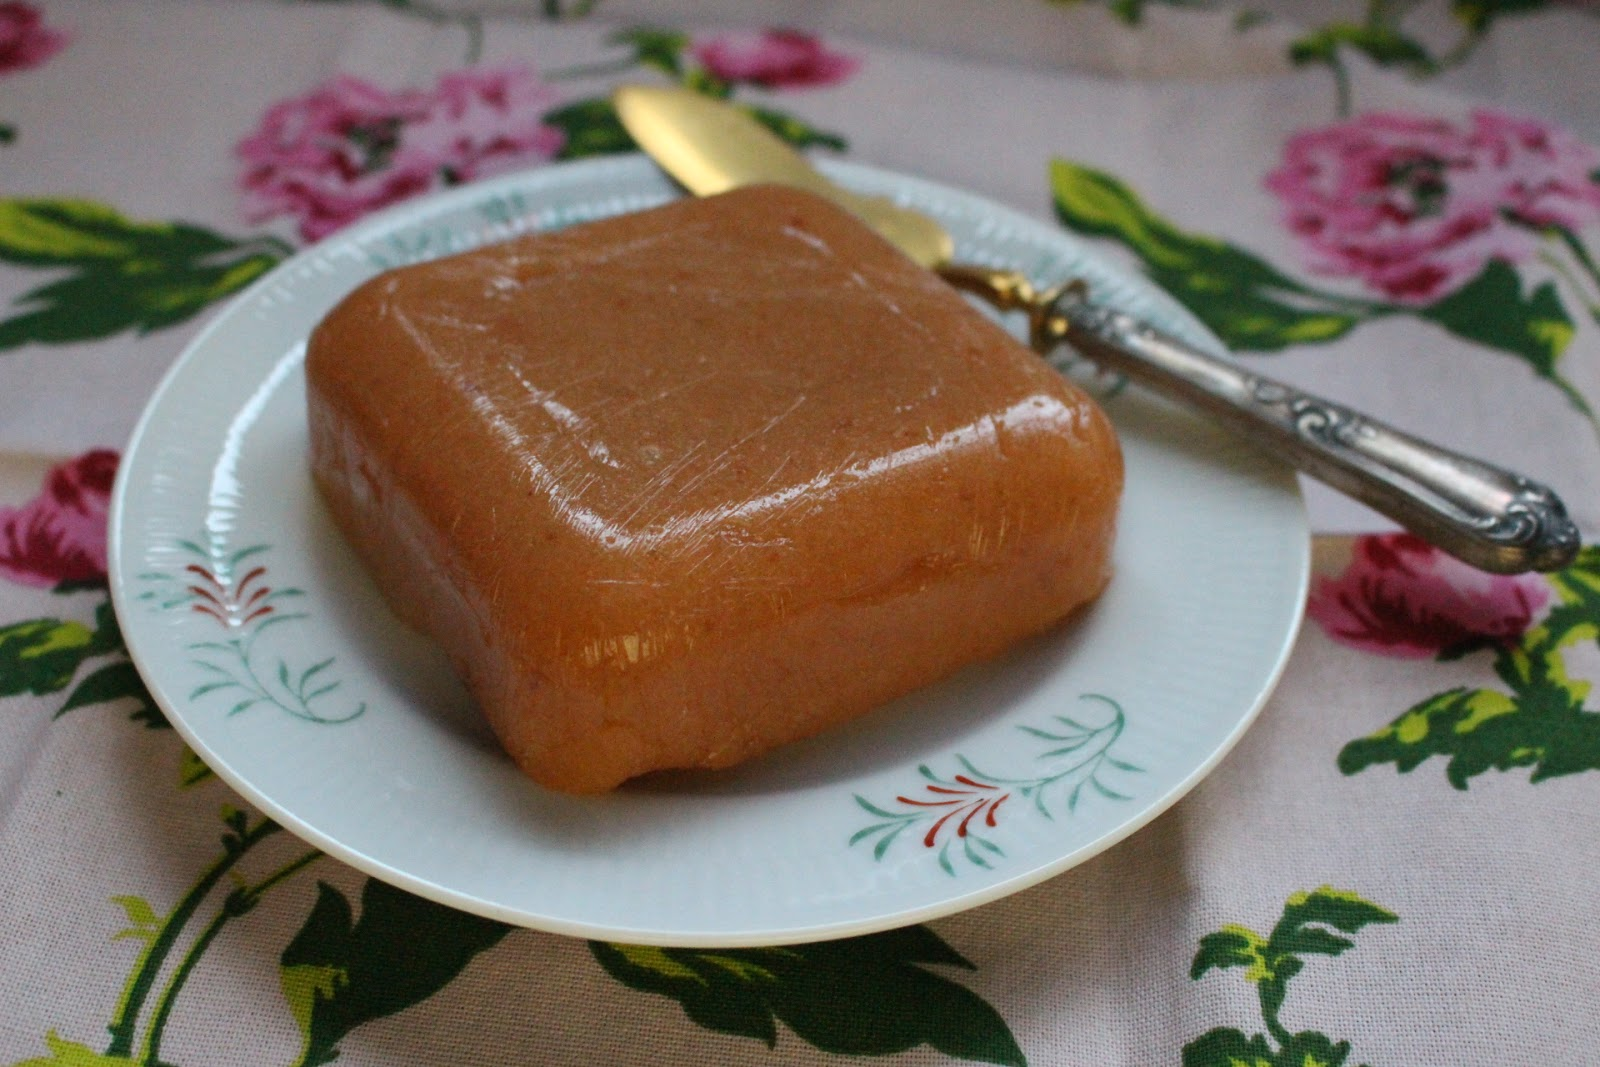 C mo hacer dulce de membrillo en casa ponete el delantal - Hacer membrillo casero ...